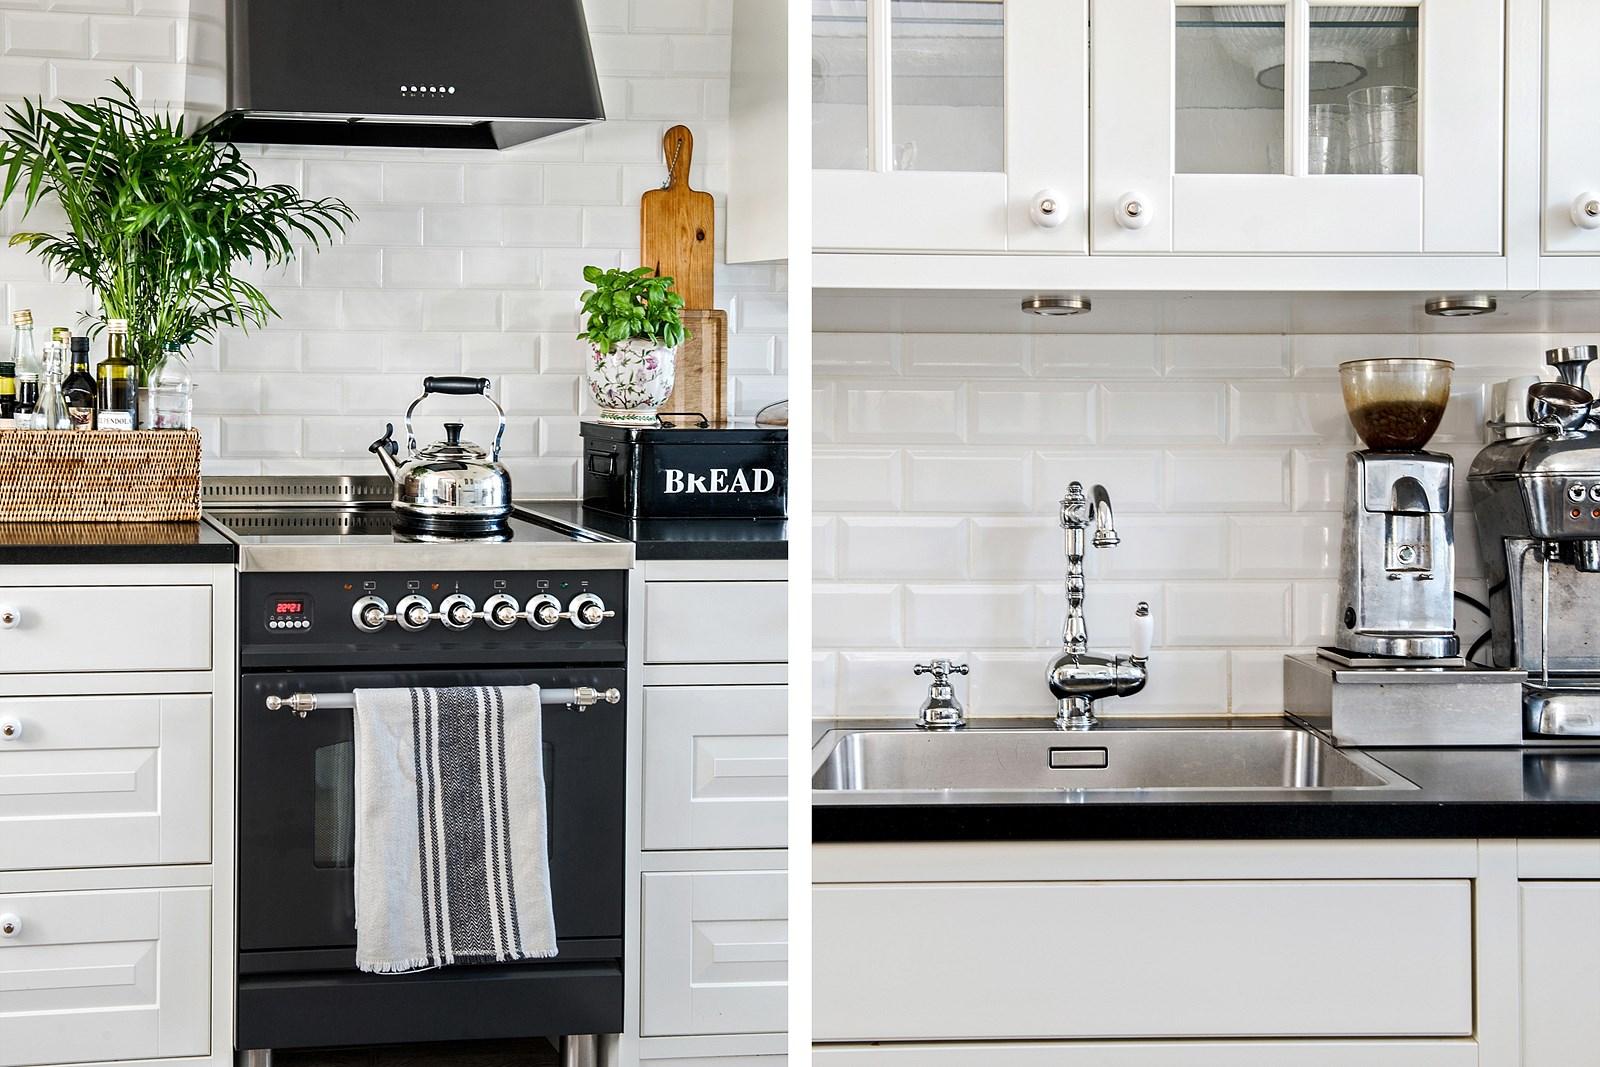 кухонная мебель мойка смеситель плита вытяжка кофеварка